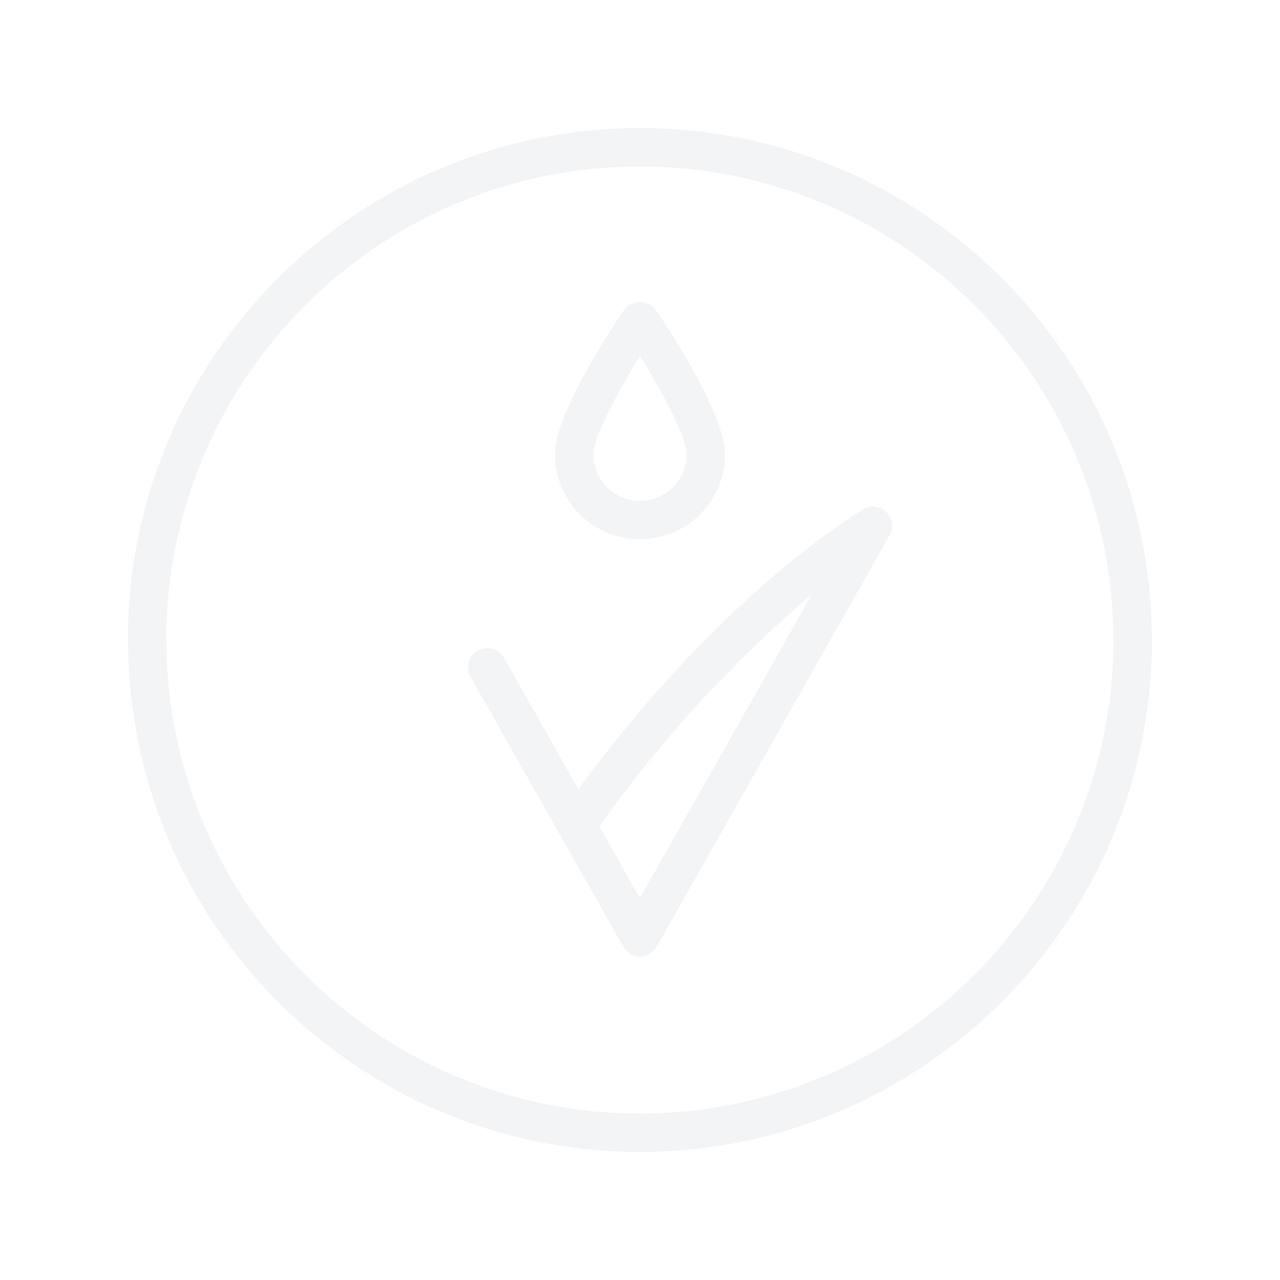 L'OREAL Les Chocolats Ultra Matte Liquid Lipstick 7.6ml